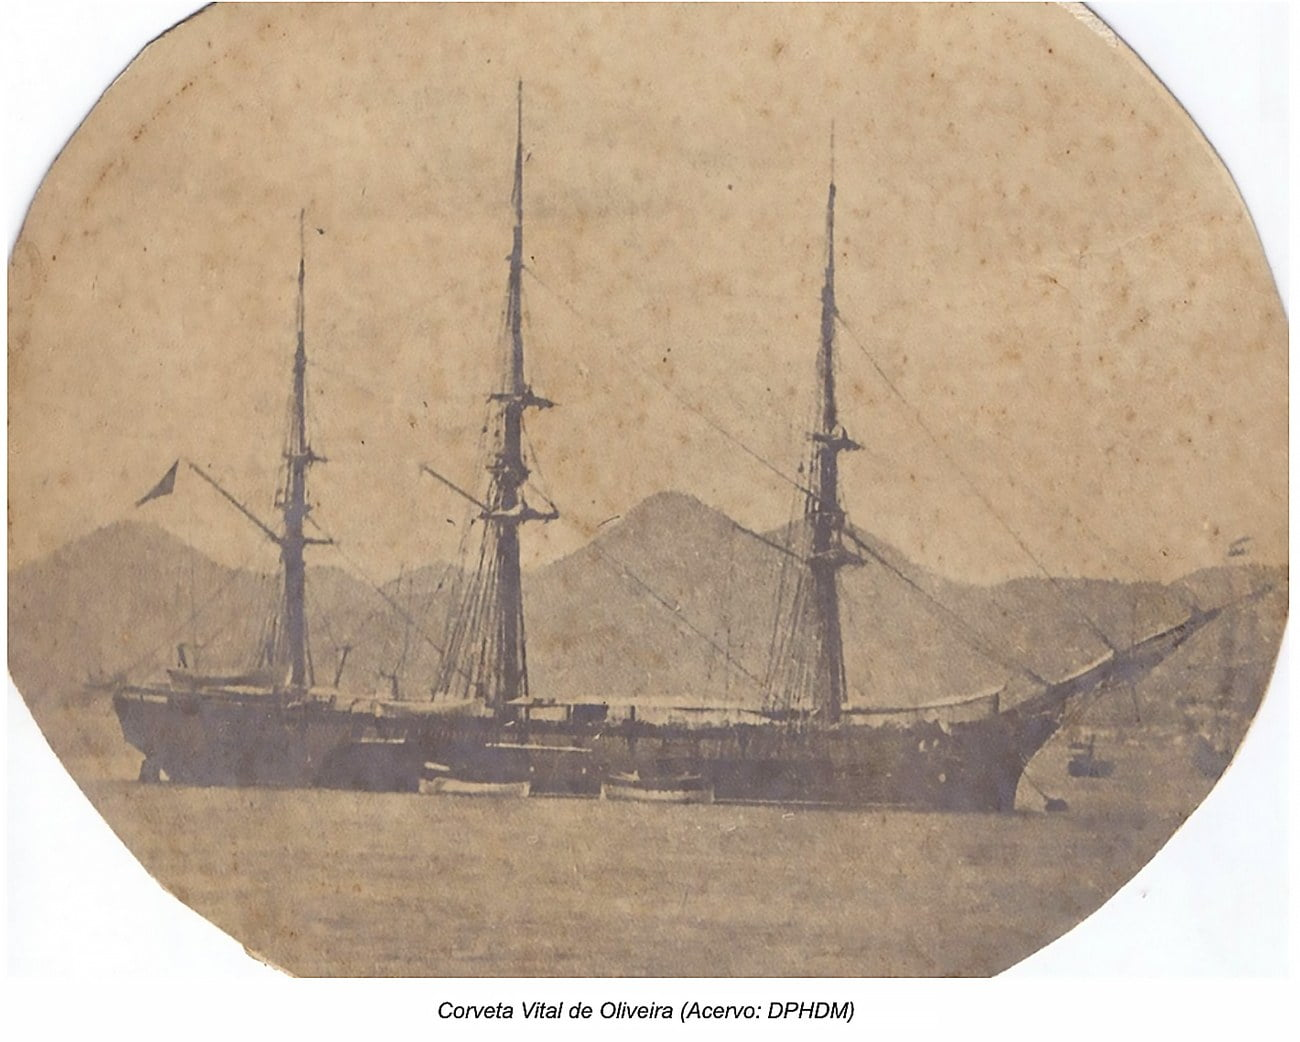 Imagem da corveta Vital de Oliveira que fez a Primeira circum-navegação brasileira